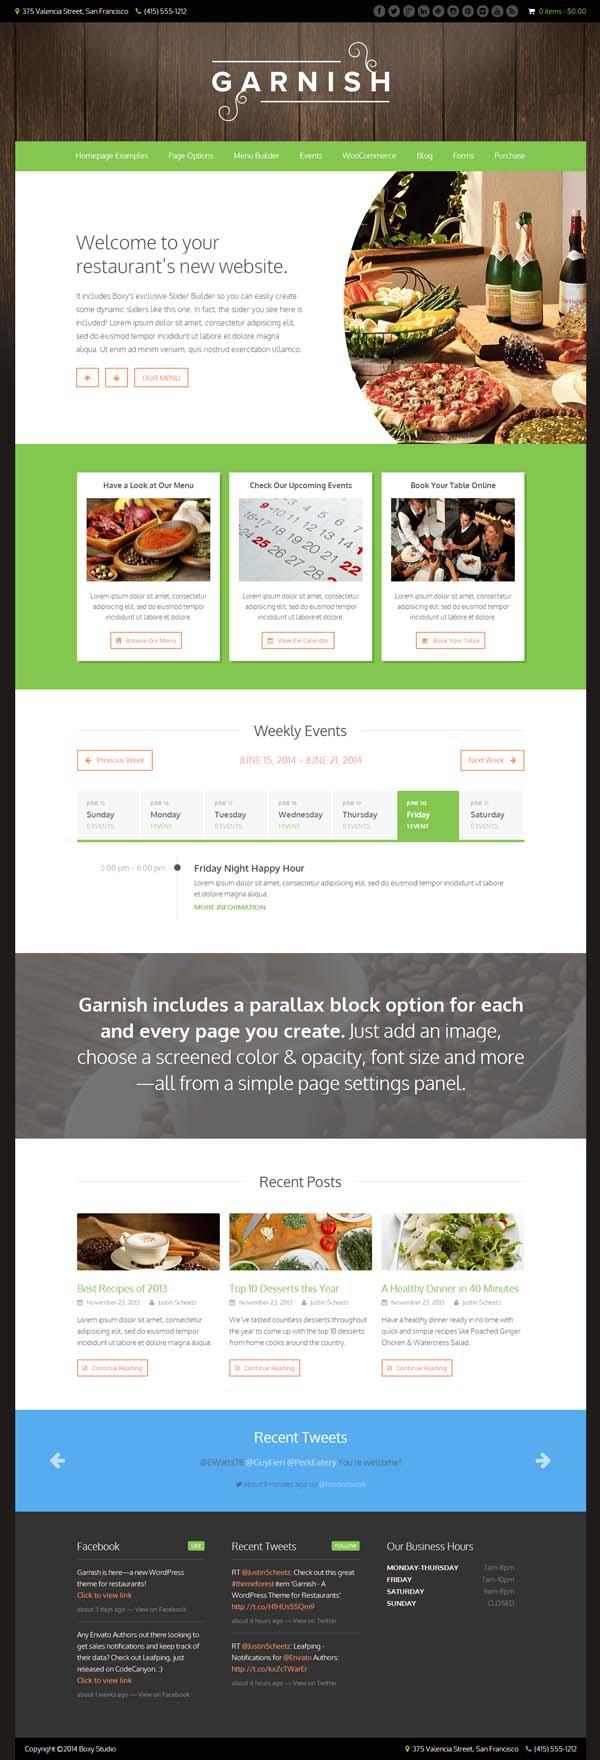 Garnish - A WordPress Theme for Restaurants